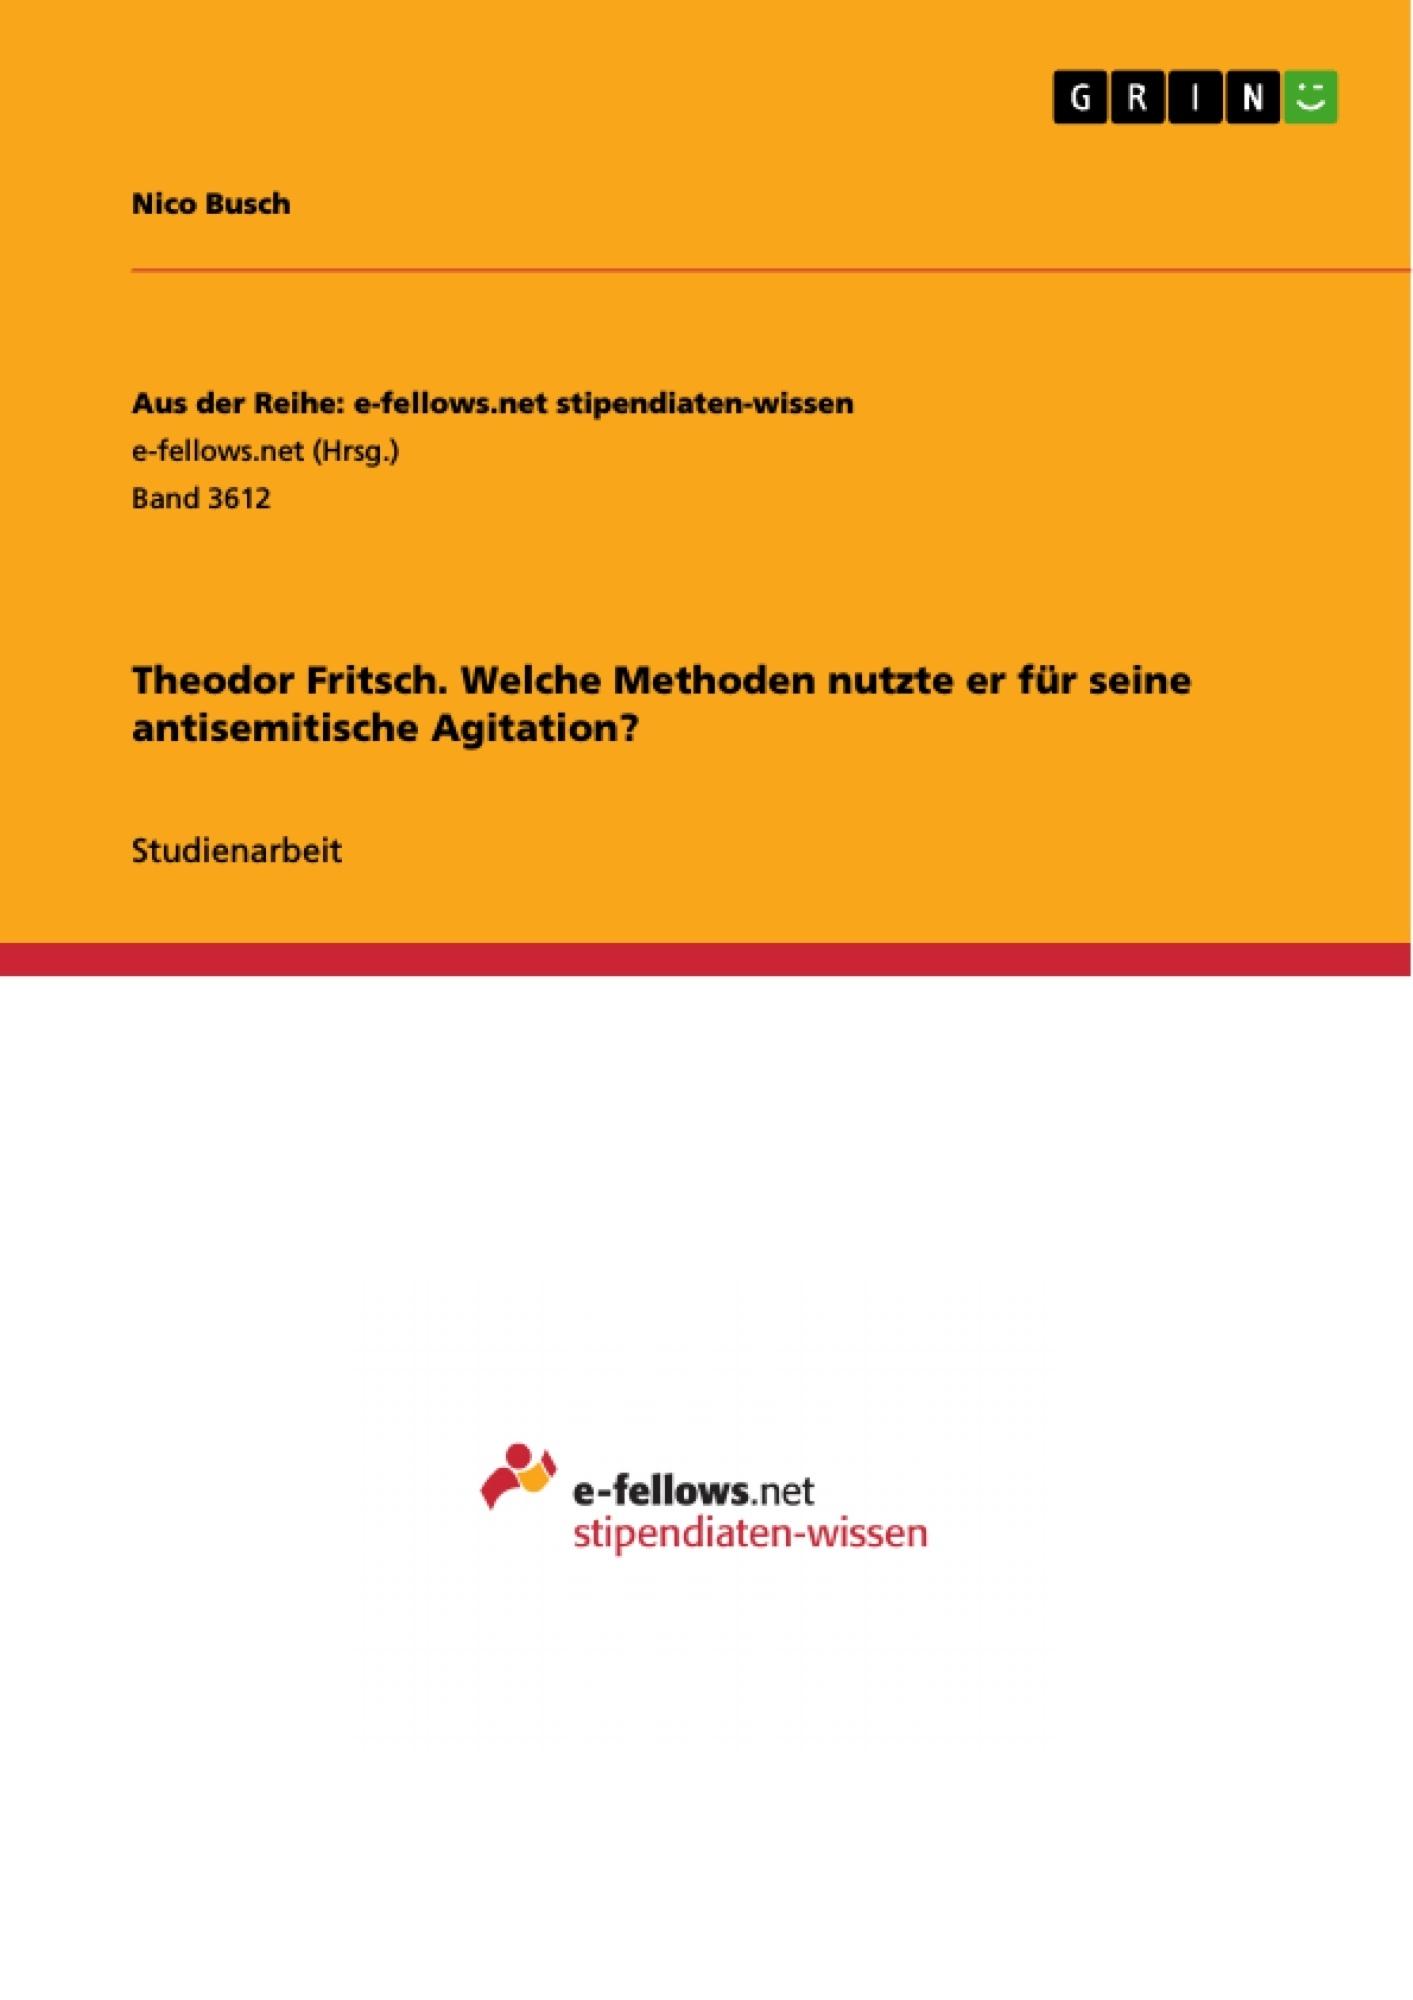 Titel: Theodor Fritsch. Welche Methoden nutzte er für seine antisemitische Agitation?